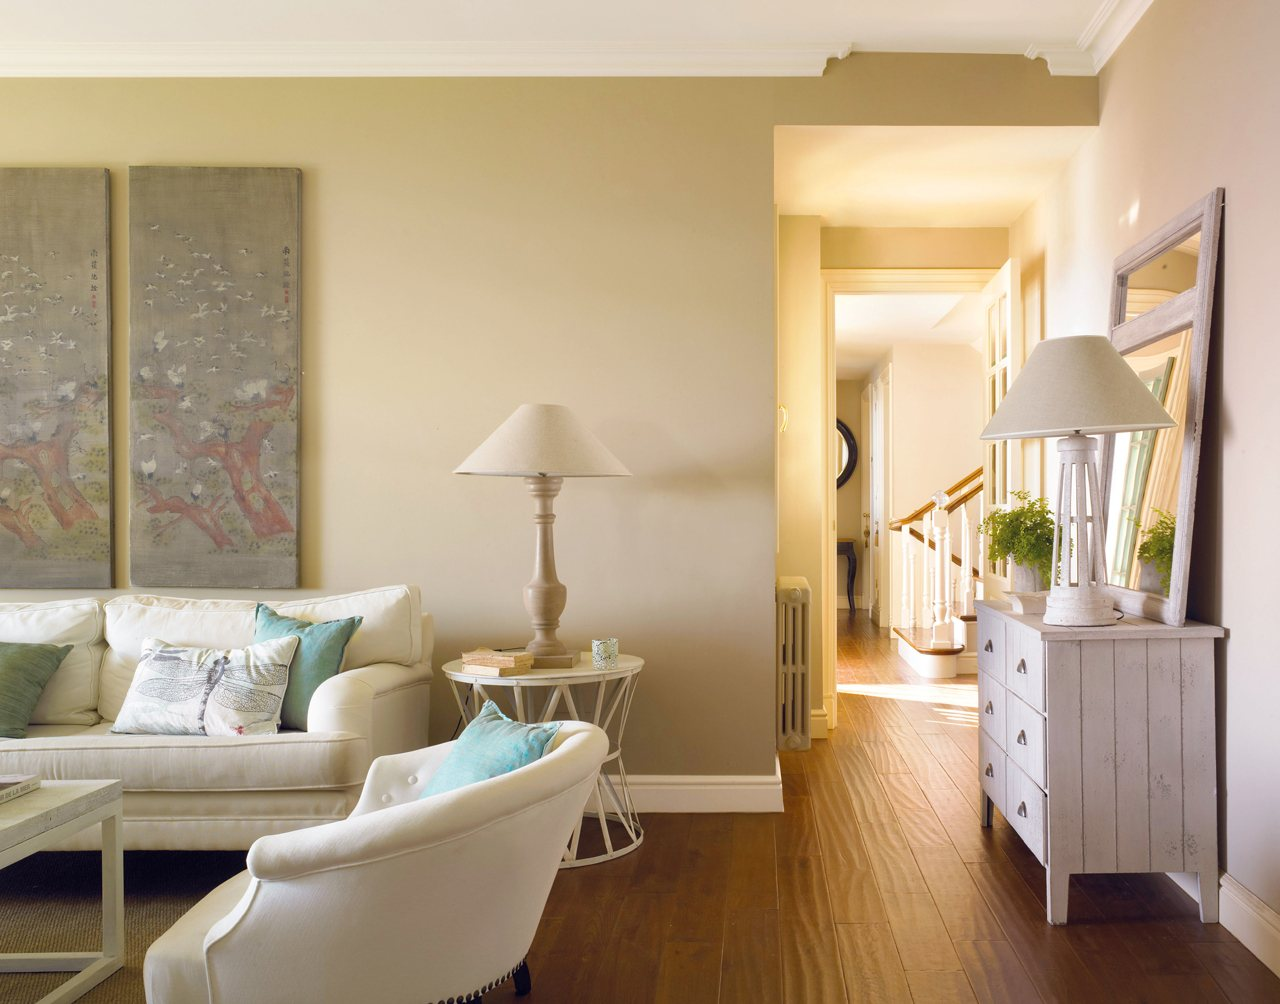 Decoraconmar a iluminacion decorativa - Muebles para el salon ...